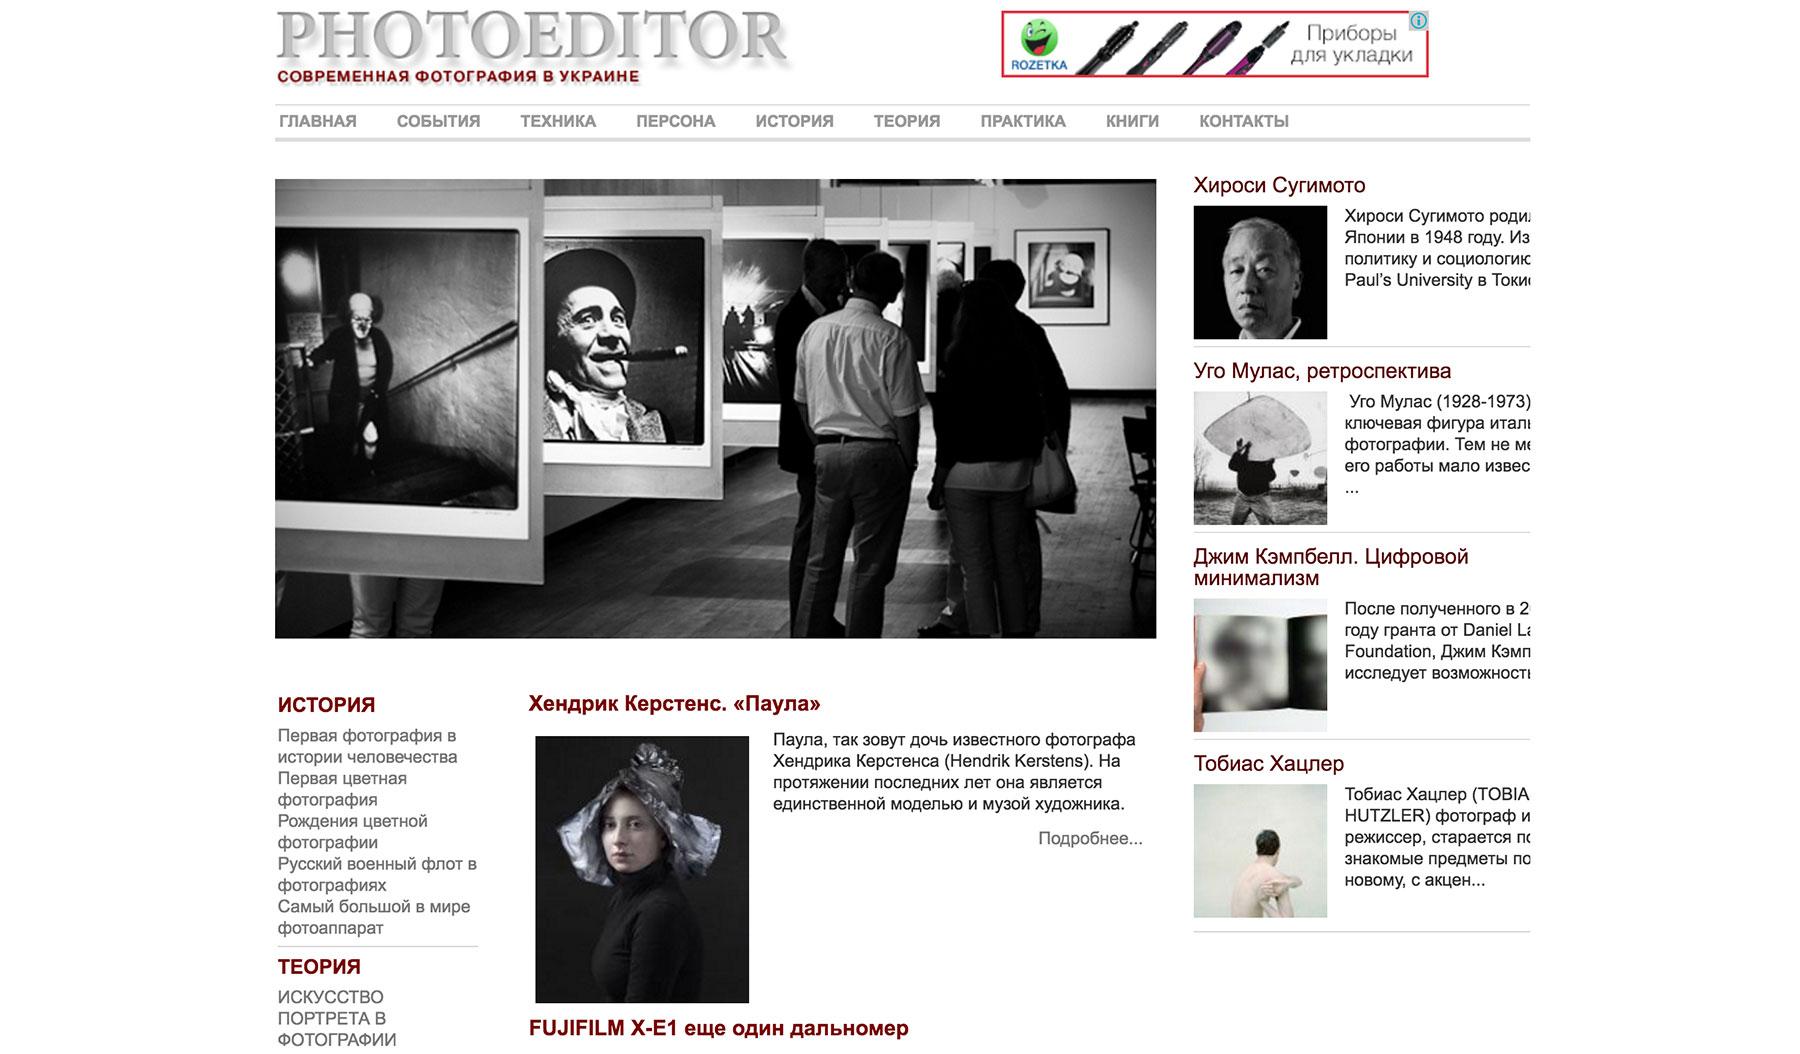 Сучасна фотографія в Україні